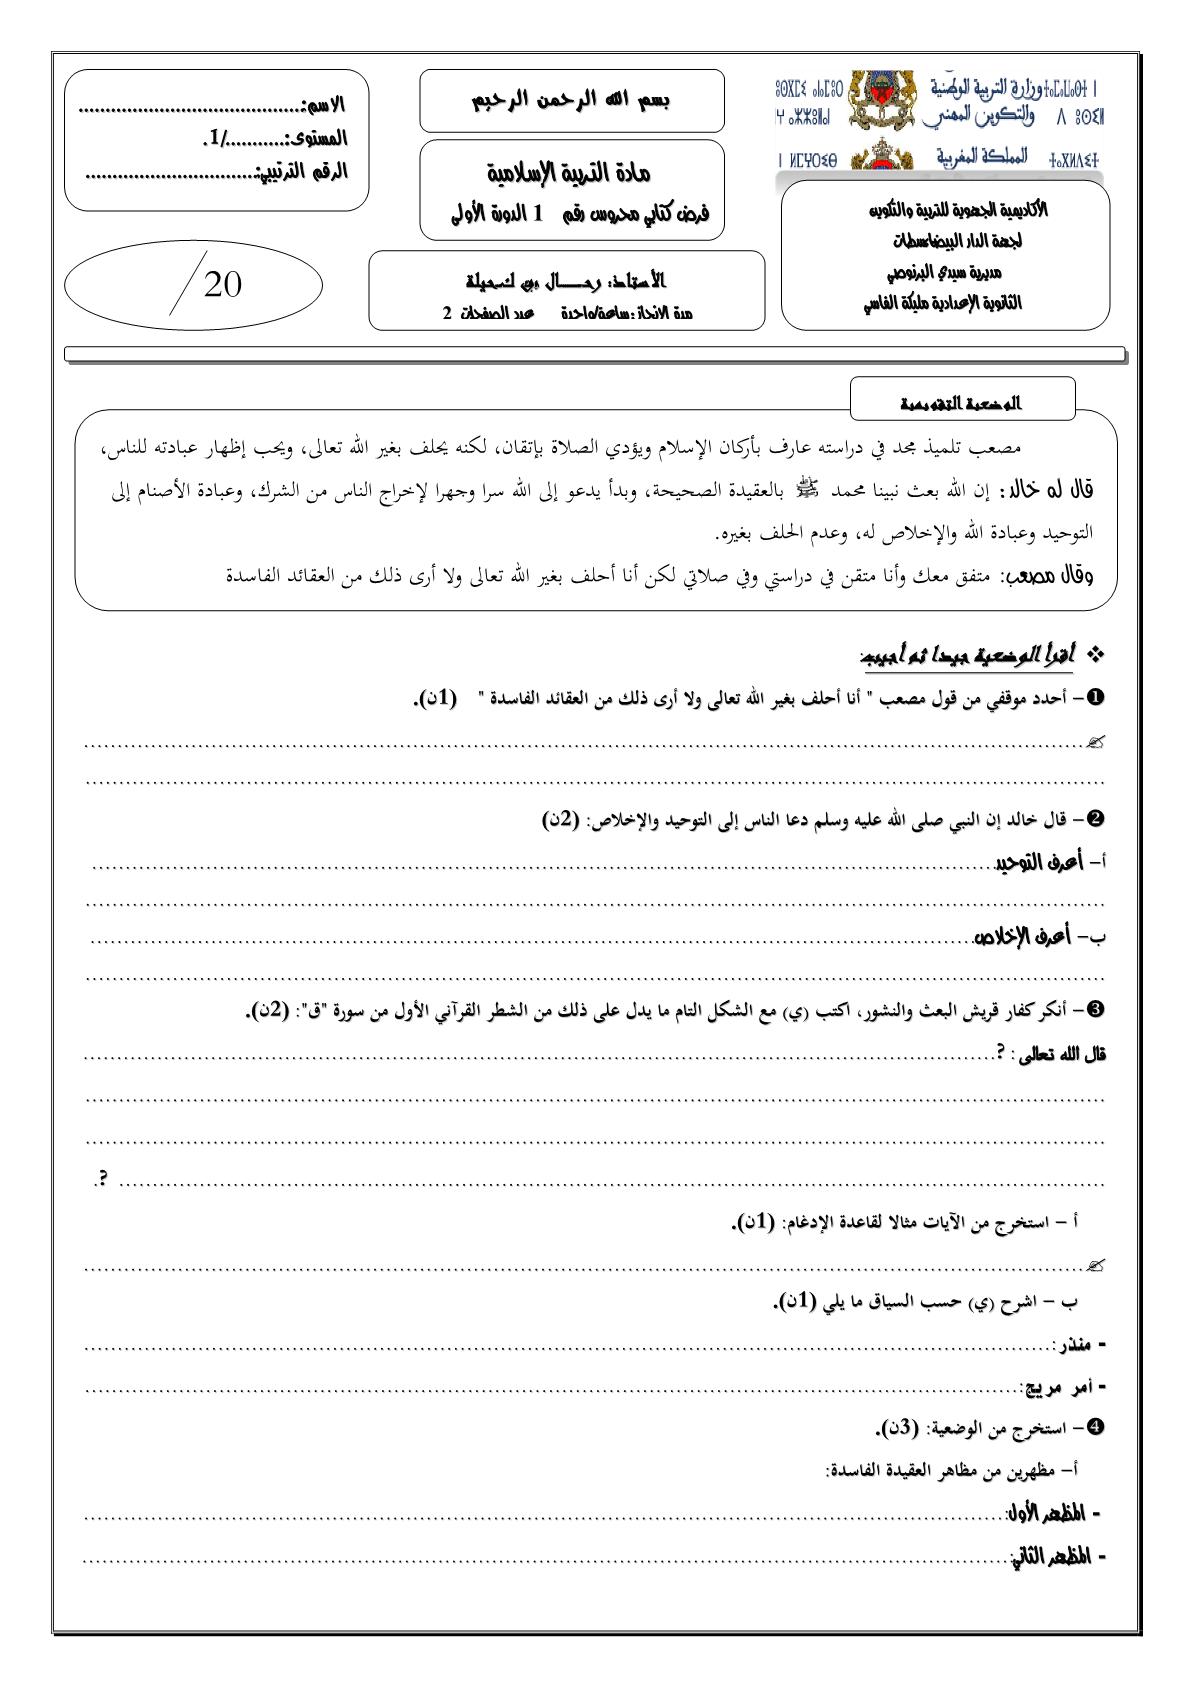 الفرض العاشر في مادة التربية الإسلامية الدورة الثانية للسنة الأولى إعدادي مع التصحيح